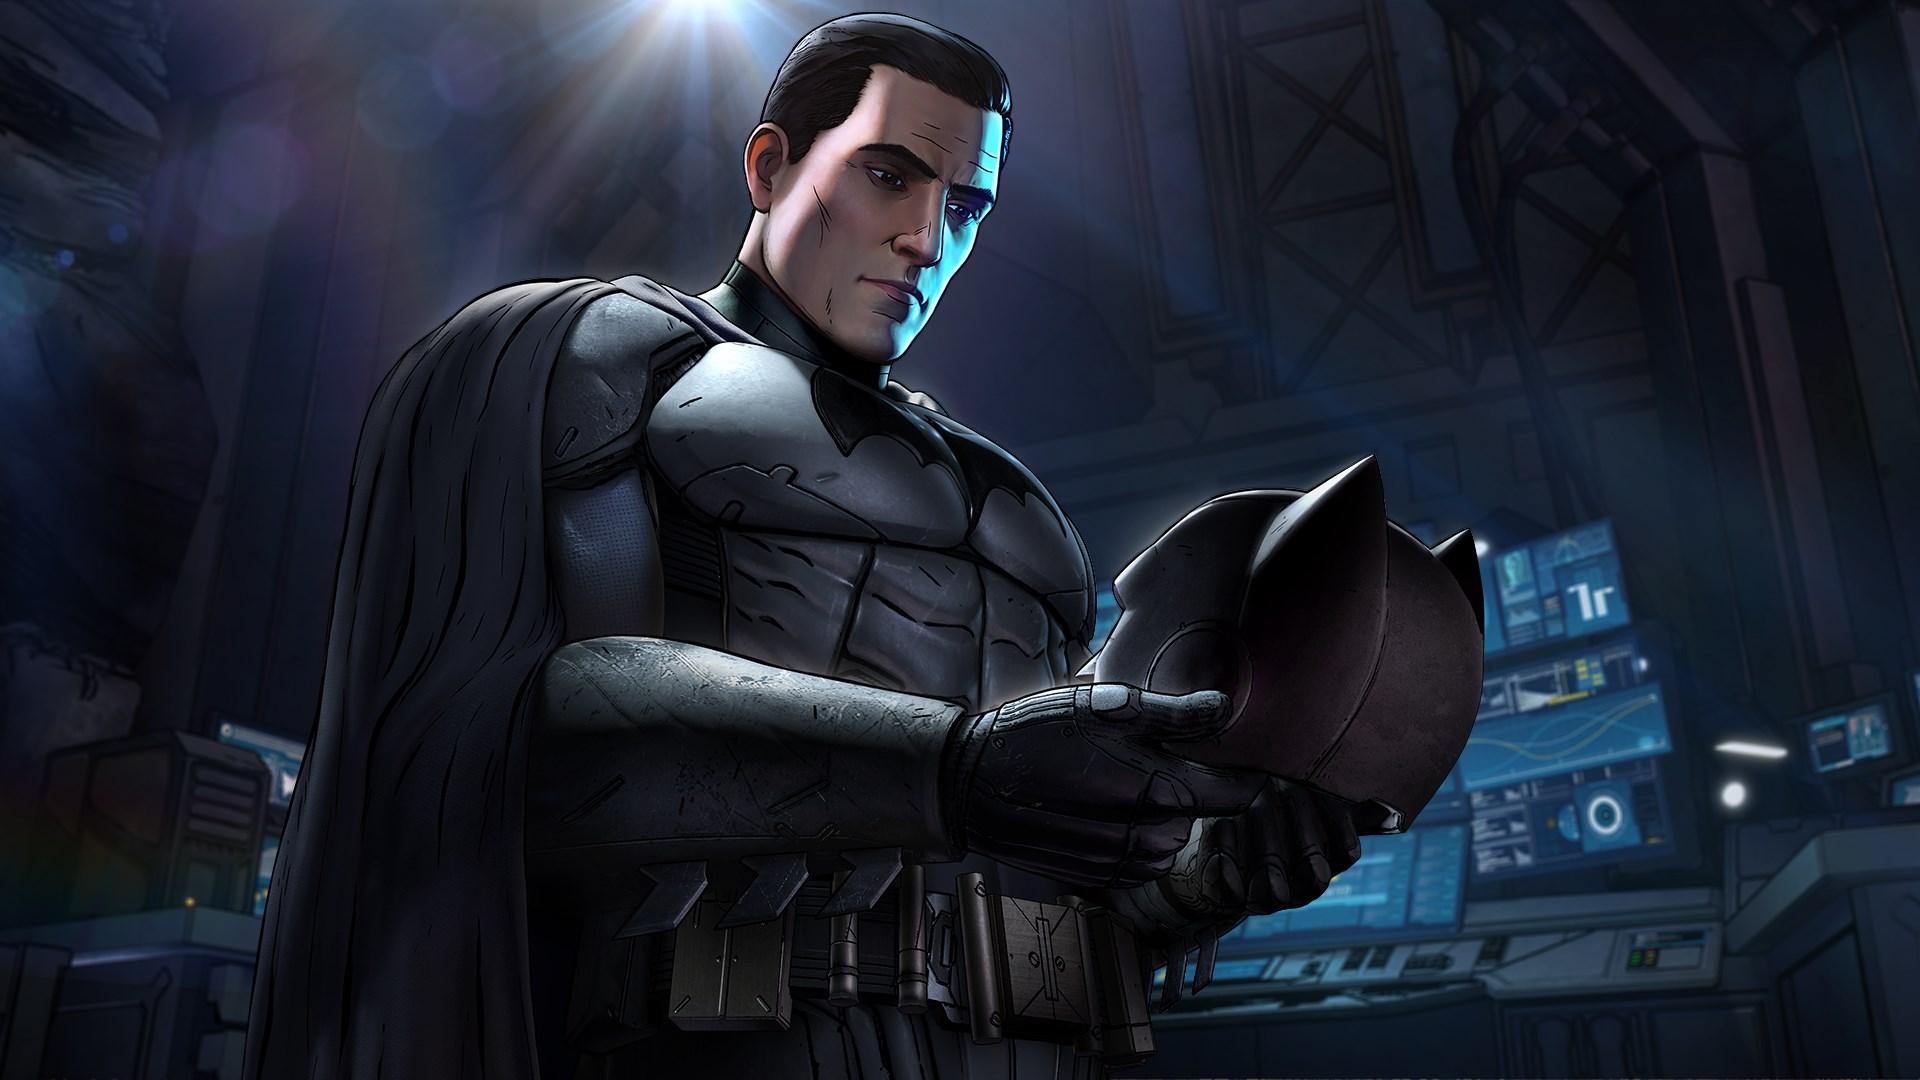 Batman: The Telltale Series | Gammicks